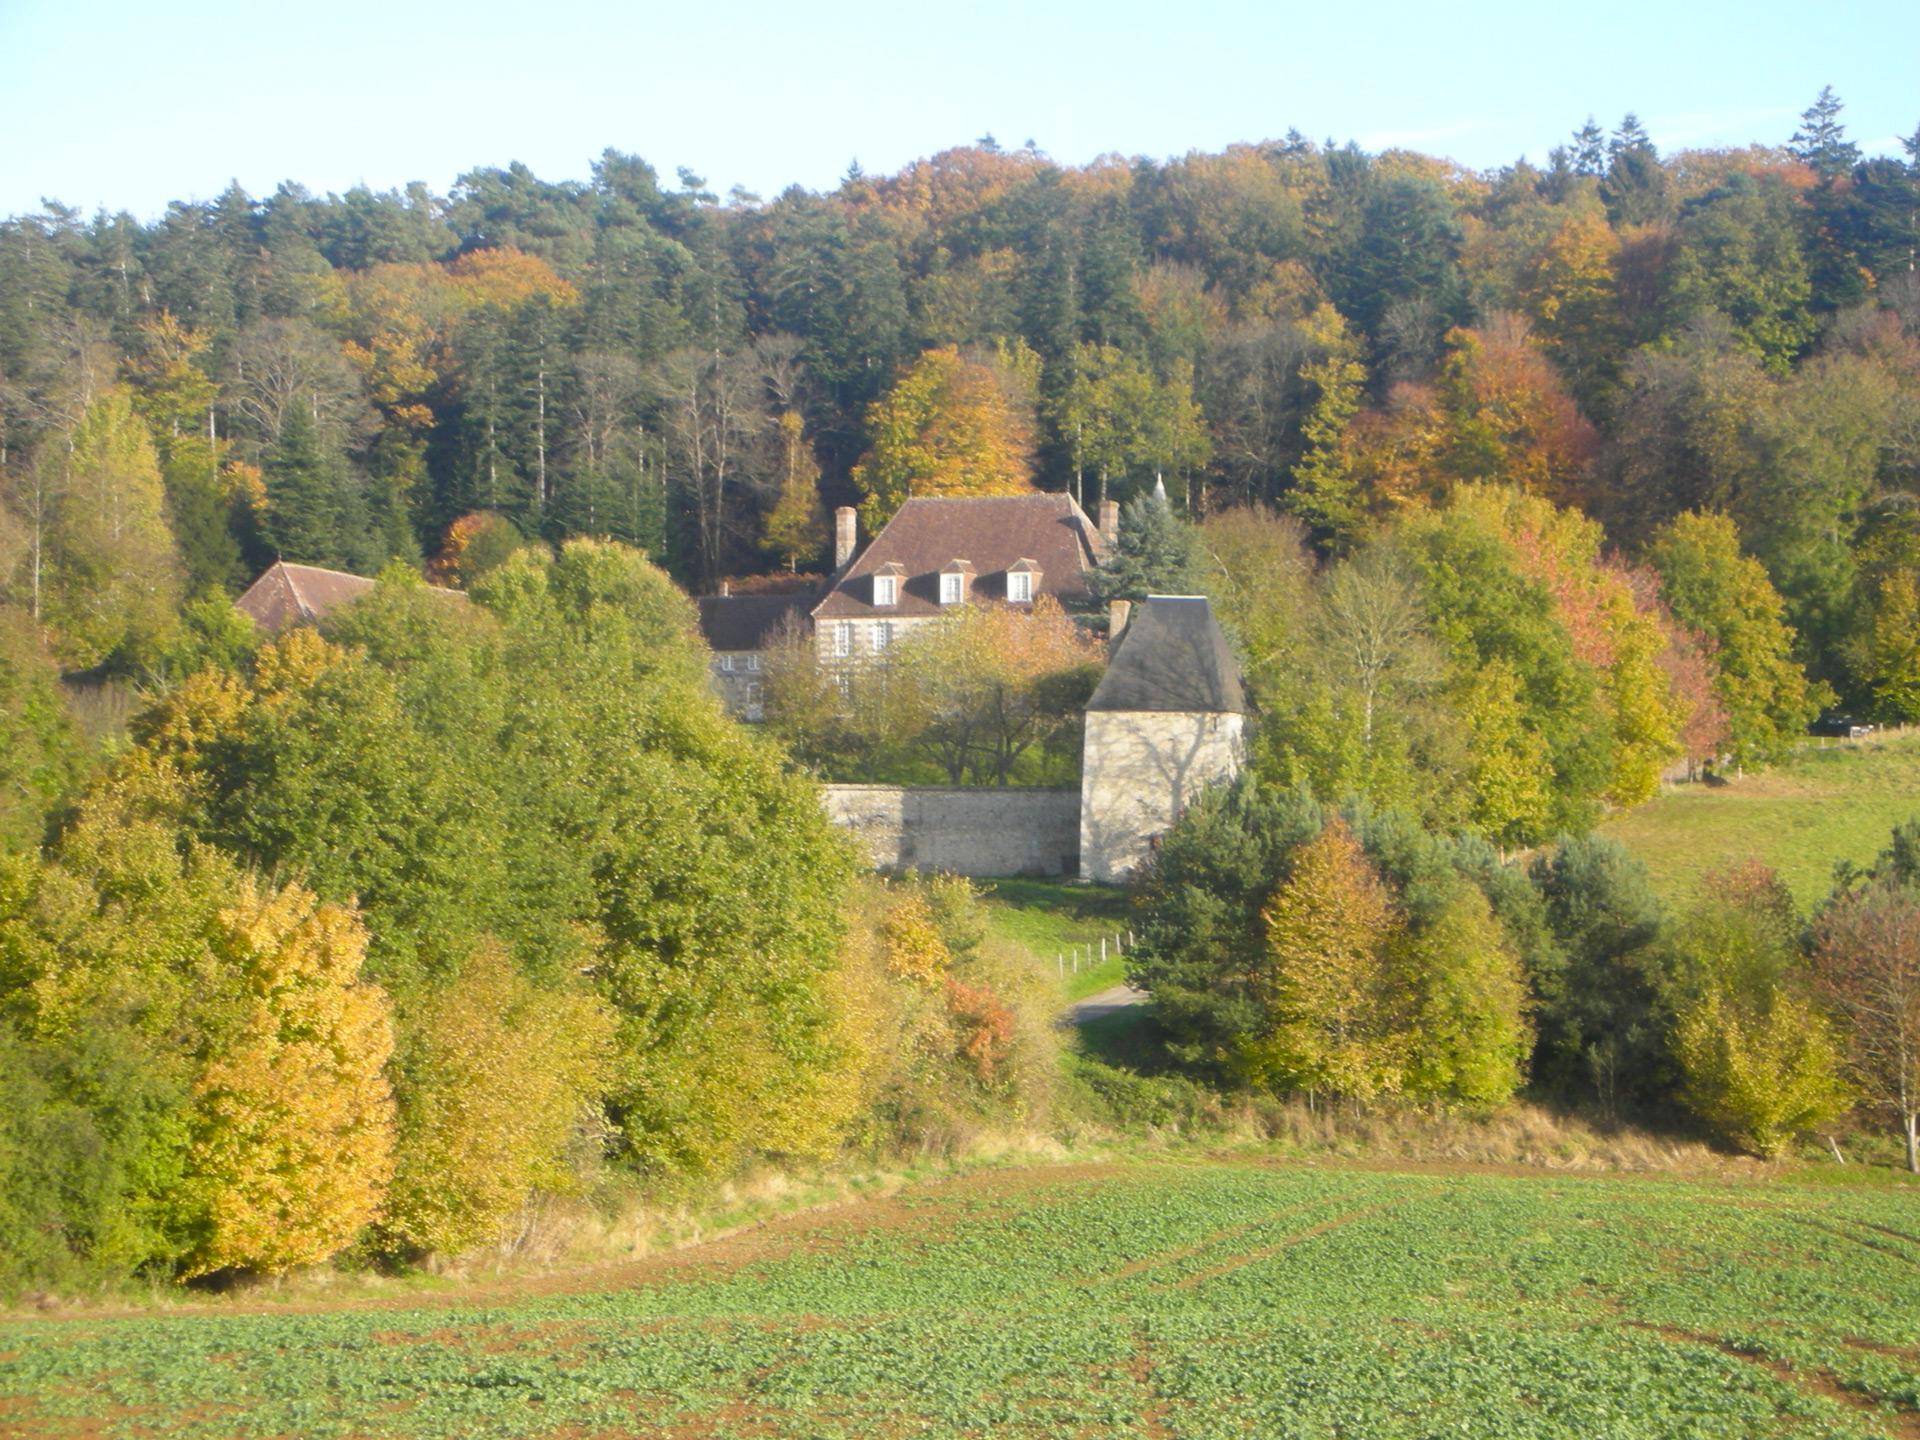 Vue du manoir de Bellegarde depuis la N12 à l'automne